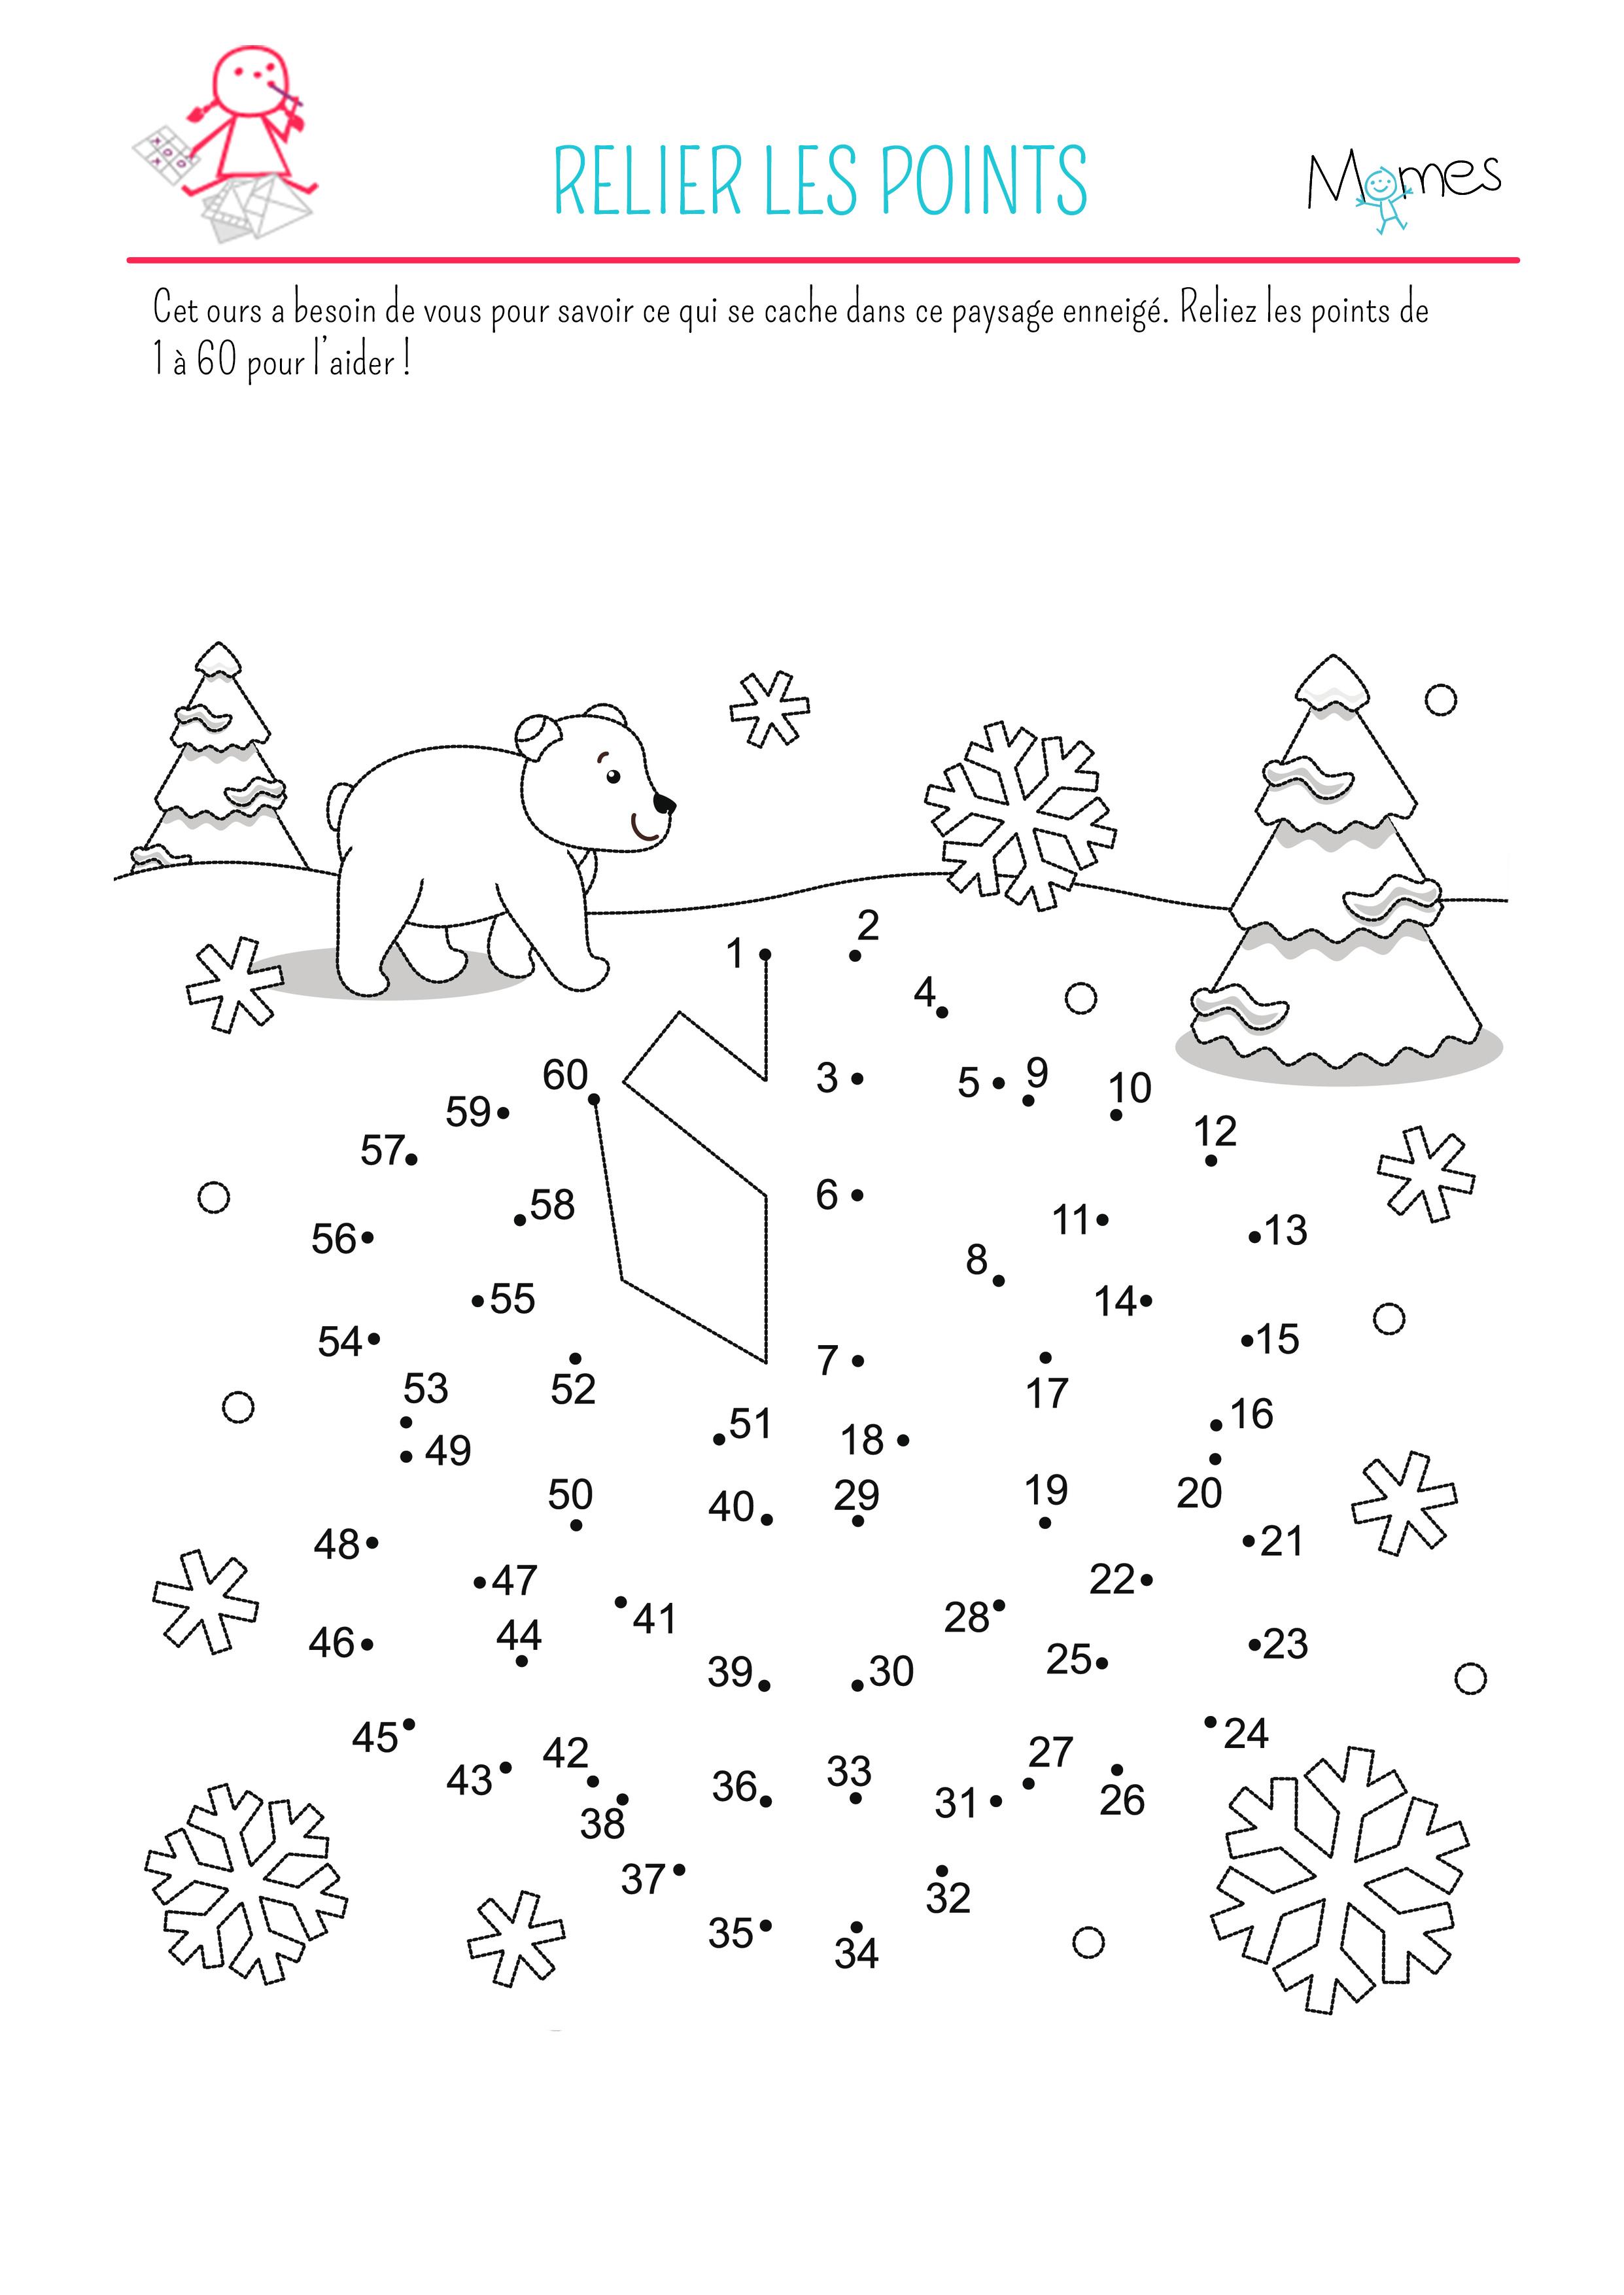 Relier les points la neige - Jeux a relier les points gratuit ...